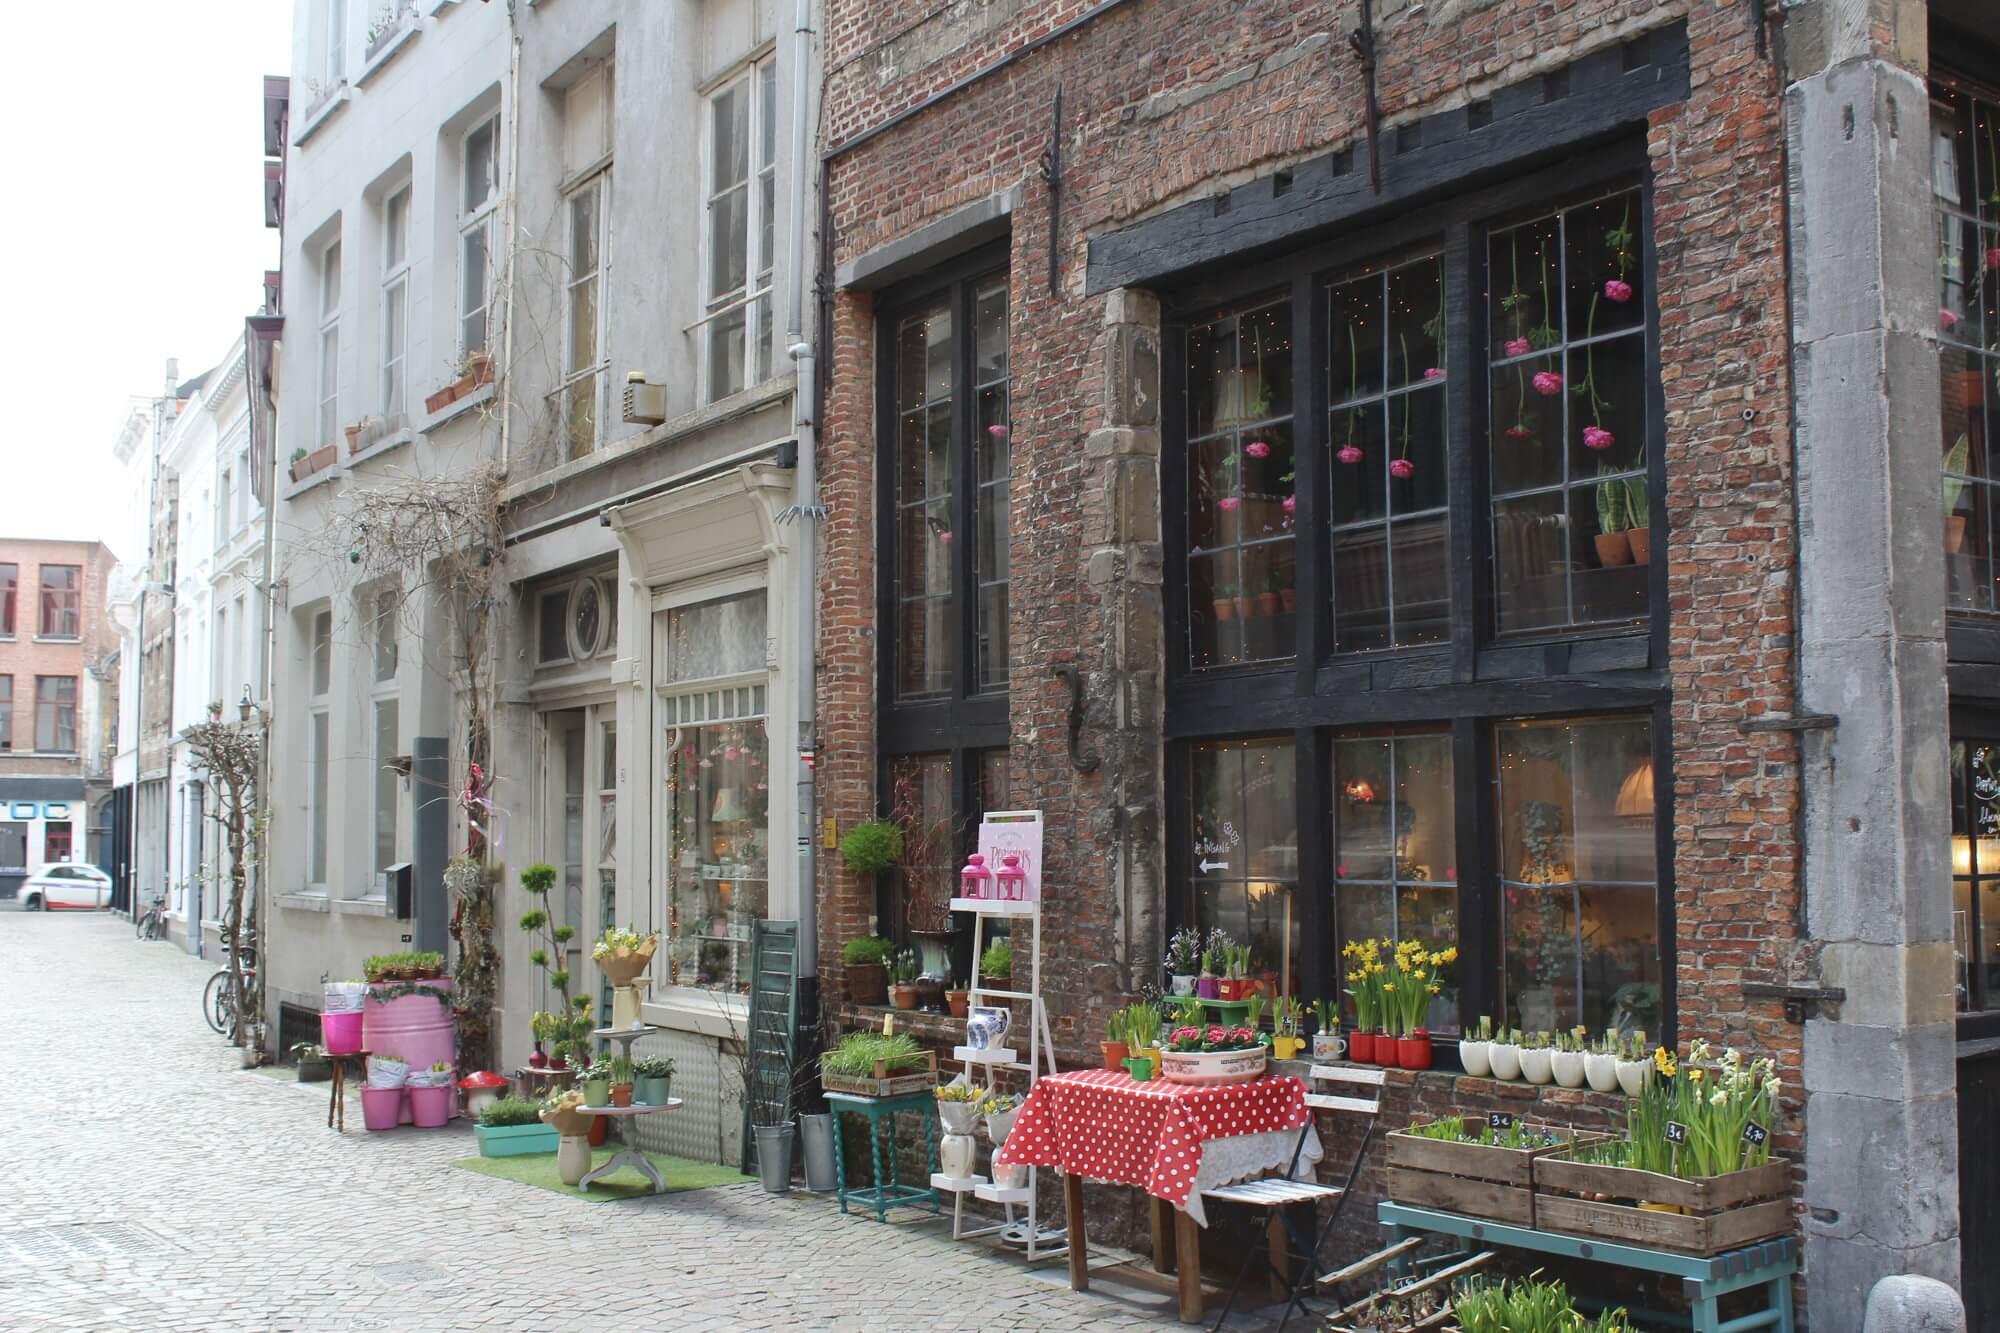 Blumenladen in Antwerpen